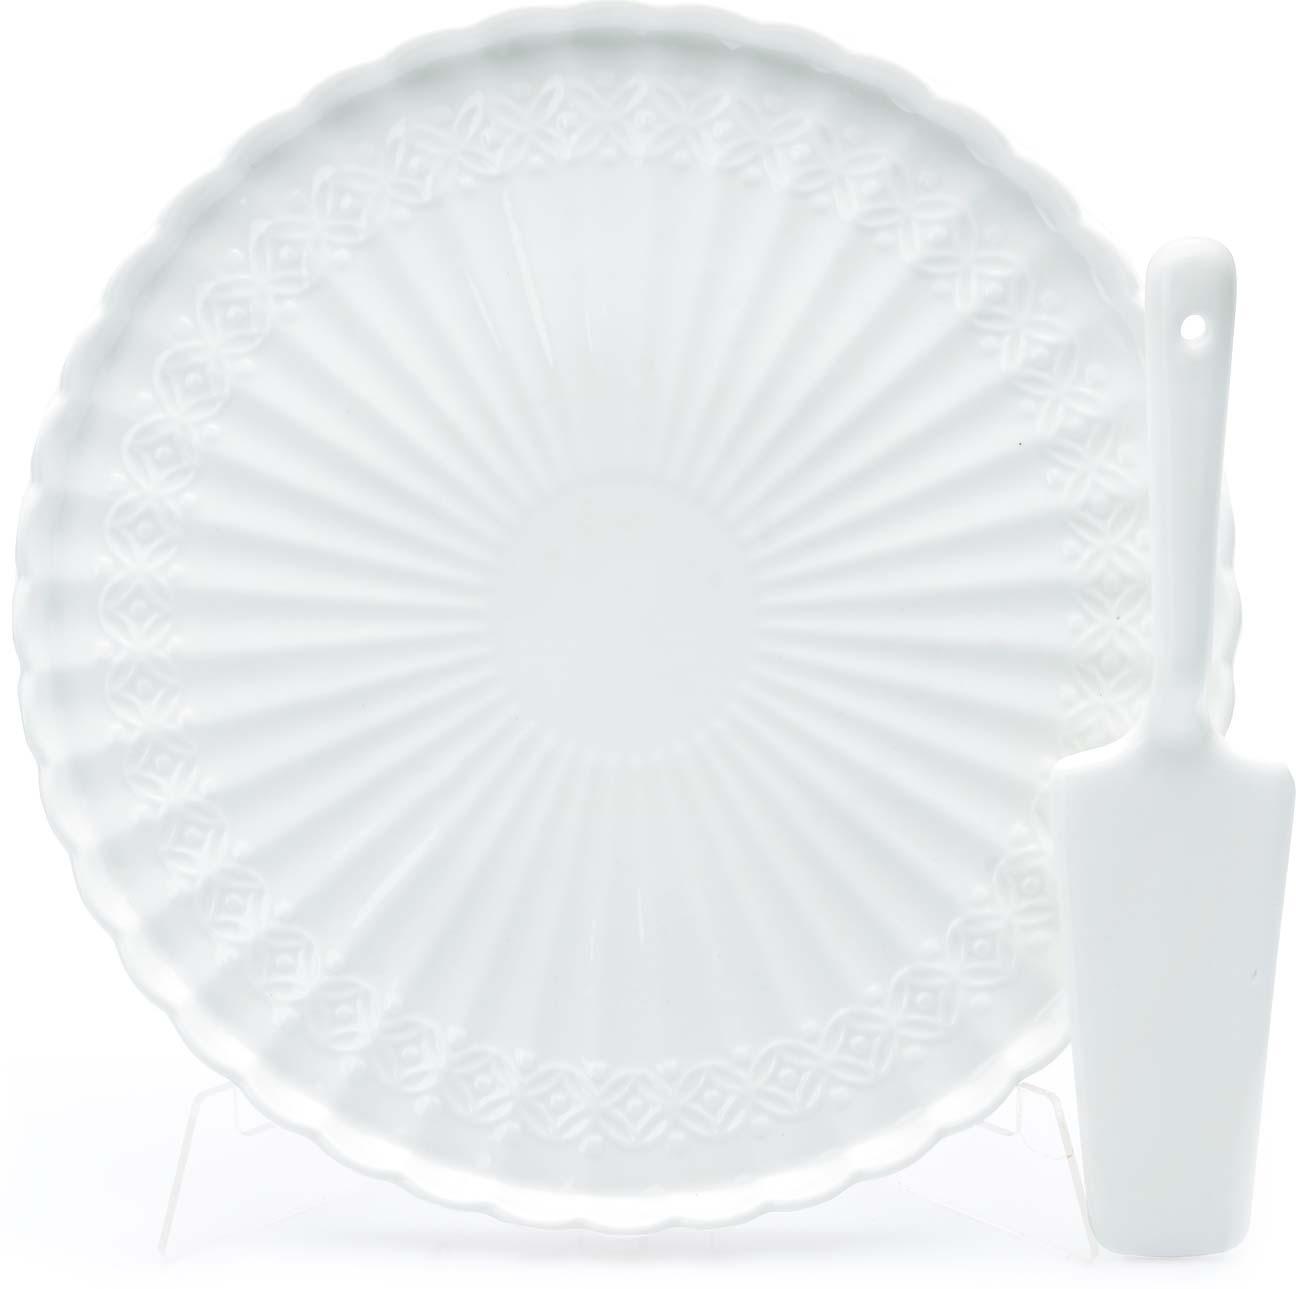 Тортовница Loraine, с лопаткой, цвет: белый, диаметр 28 см